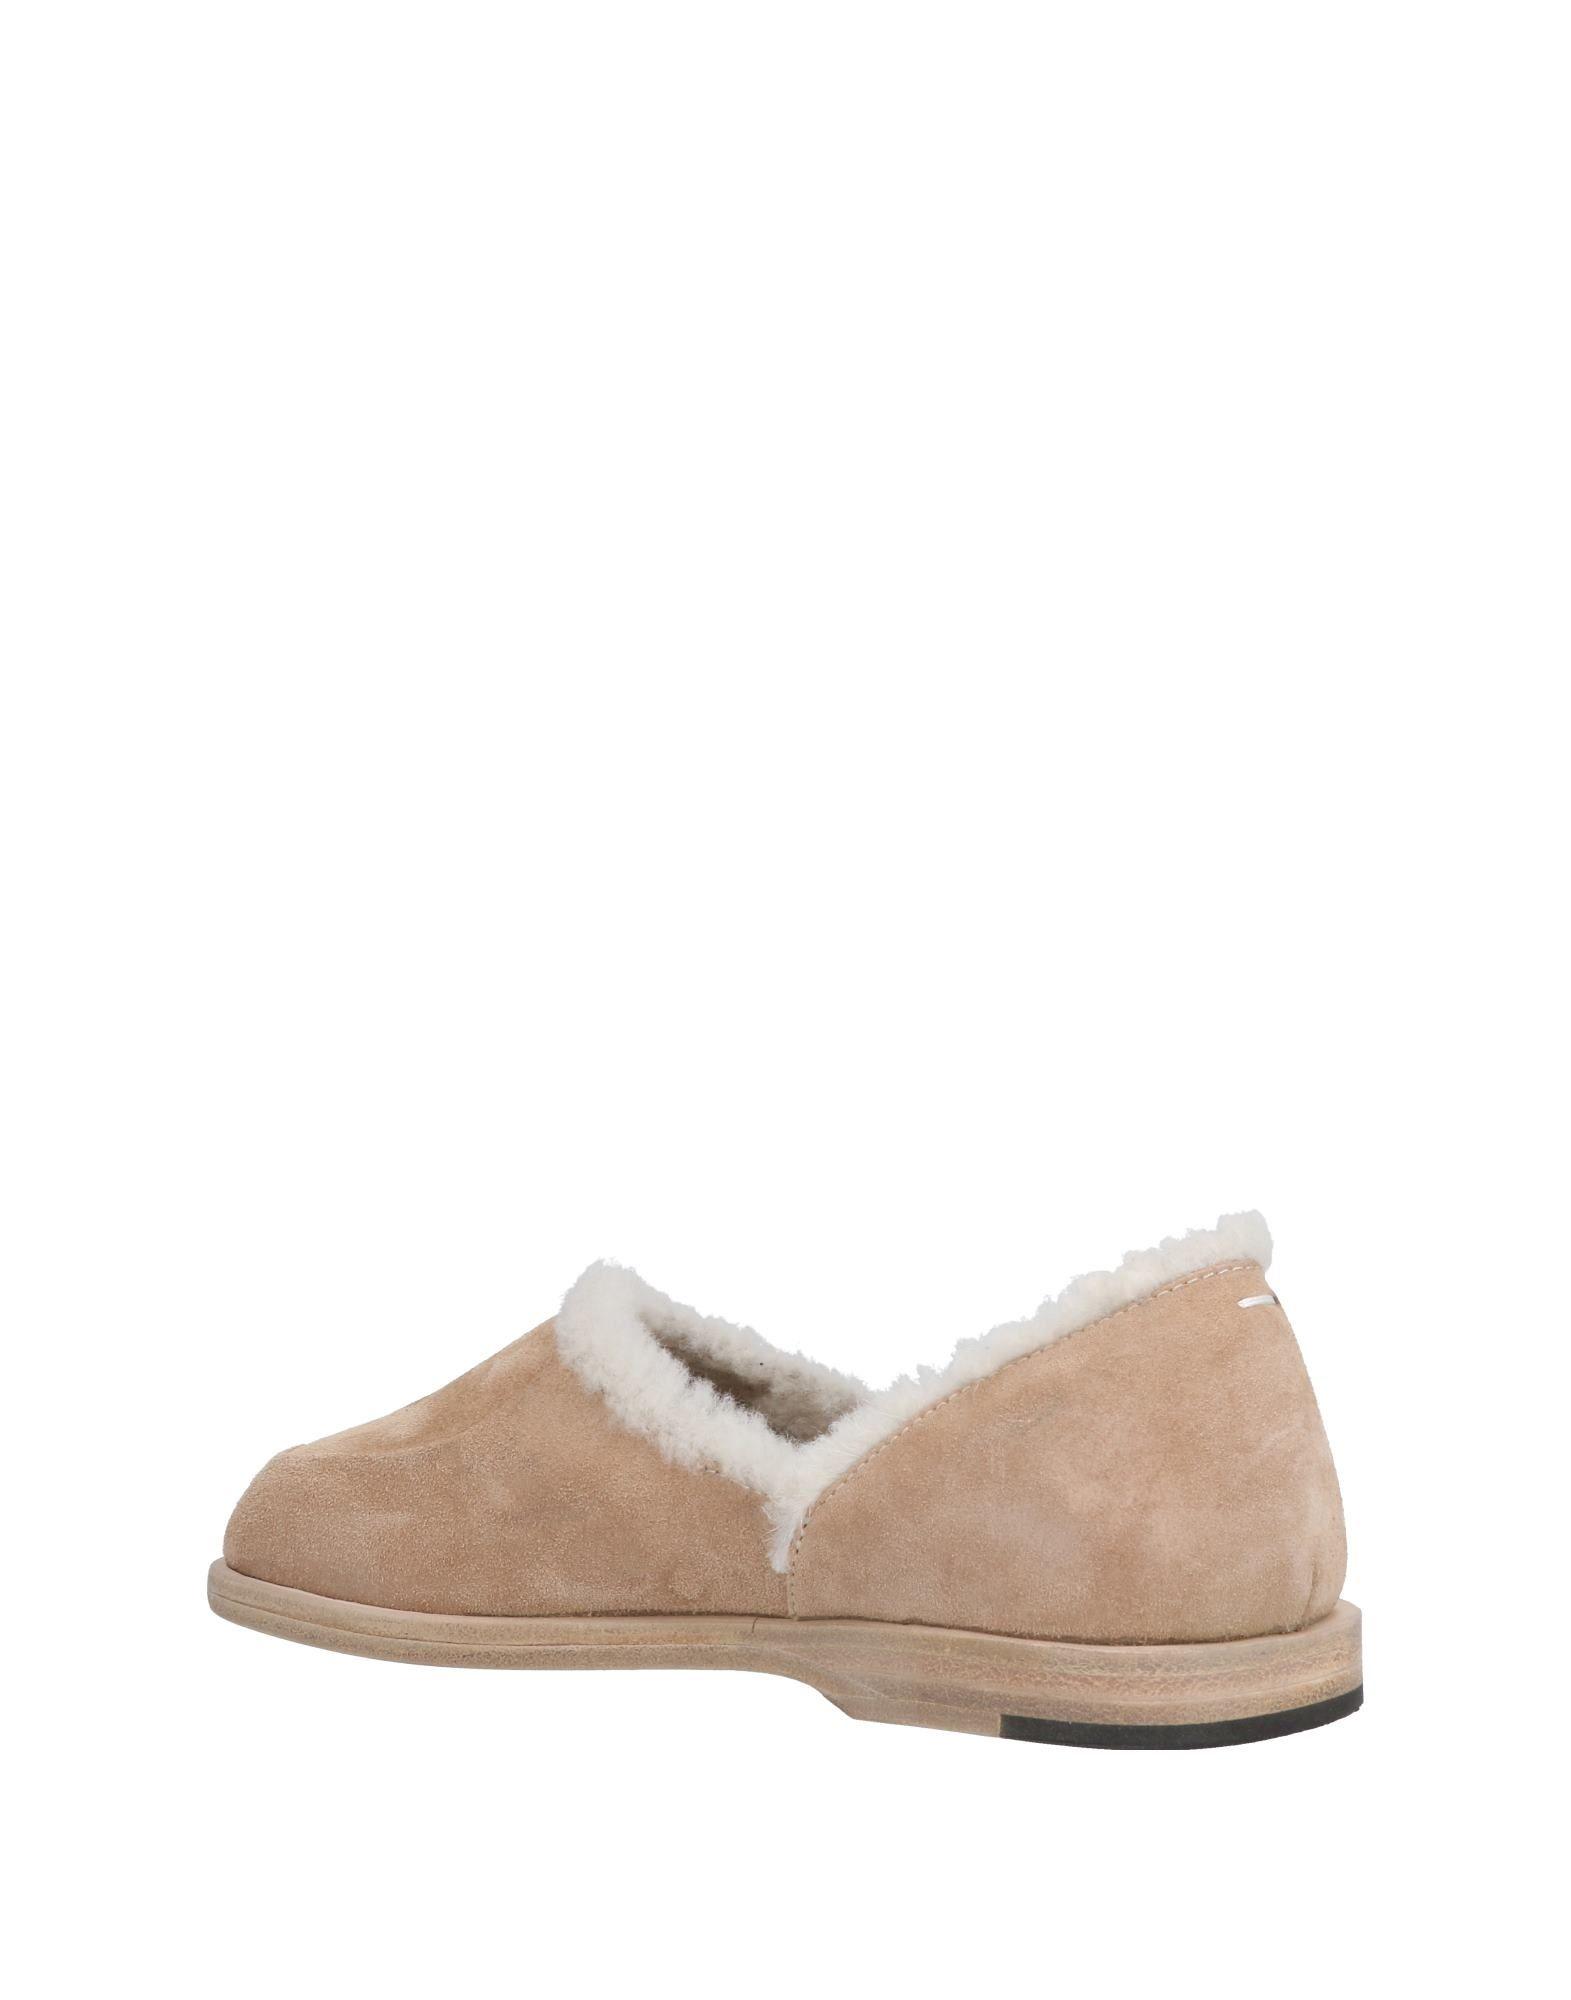 Maison Margiela Mokassins Herren Herren Herren  11472002EW Neue Schuhe 58f8c6